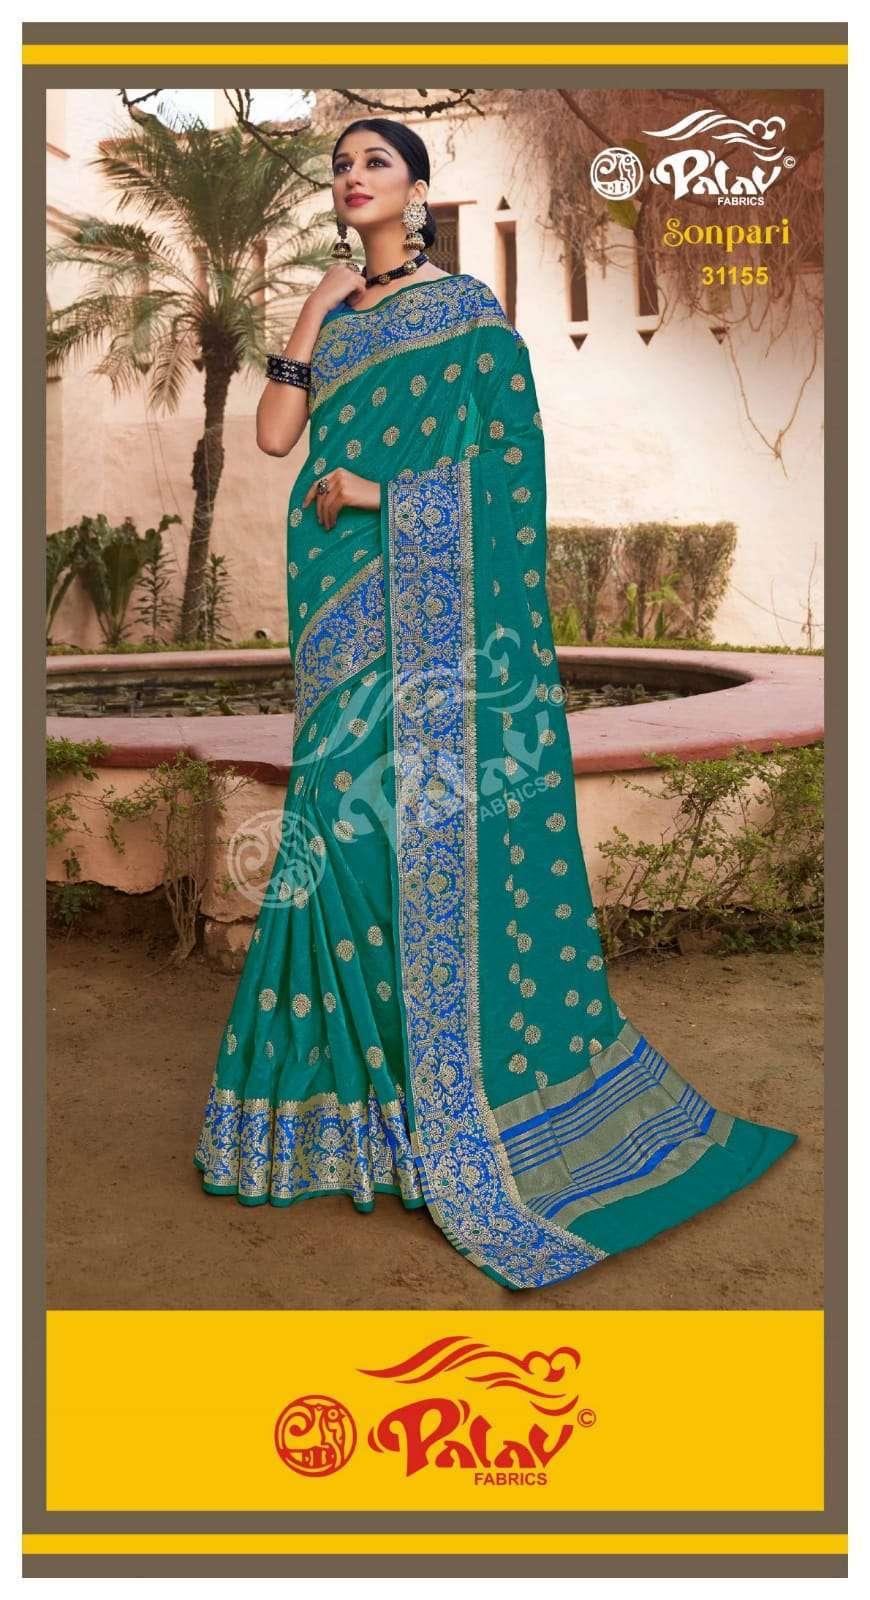 Palav Fabrics Sonpari Silk Traditional Sarees Collection 04